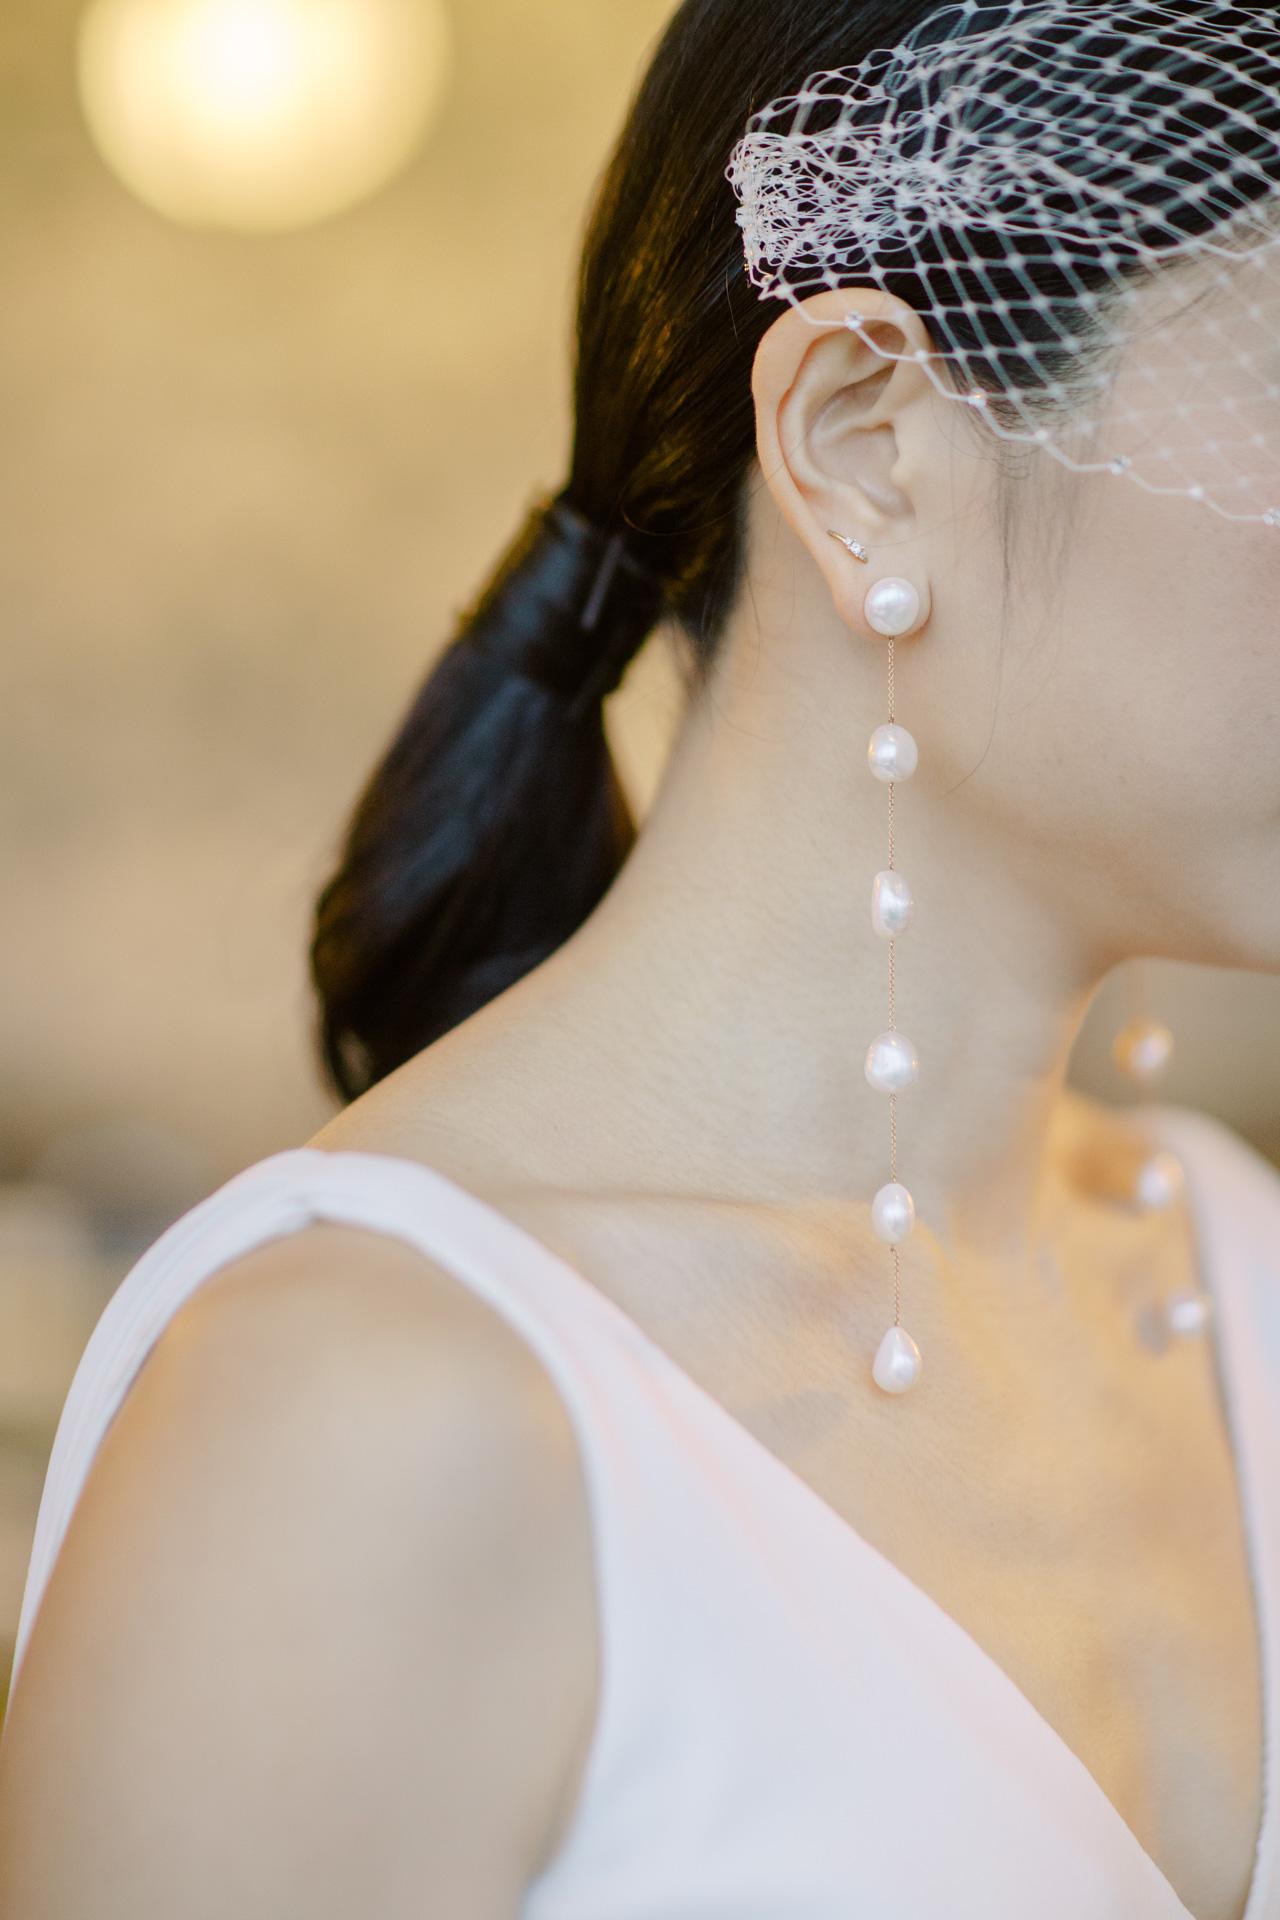 nikkiloveu-hongkong-wedding-day-hexa-ant-cat-lauhaus-017.jpg